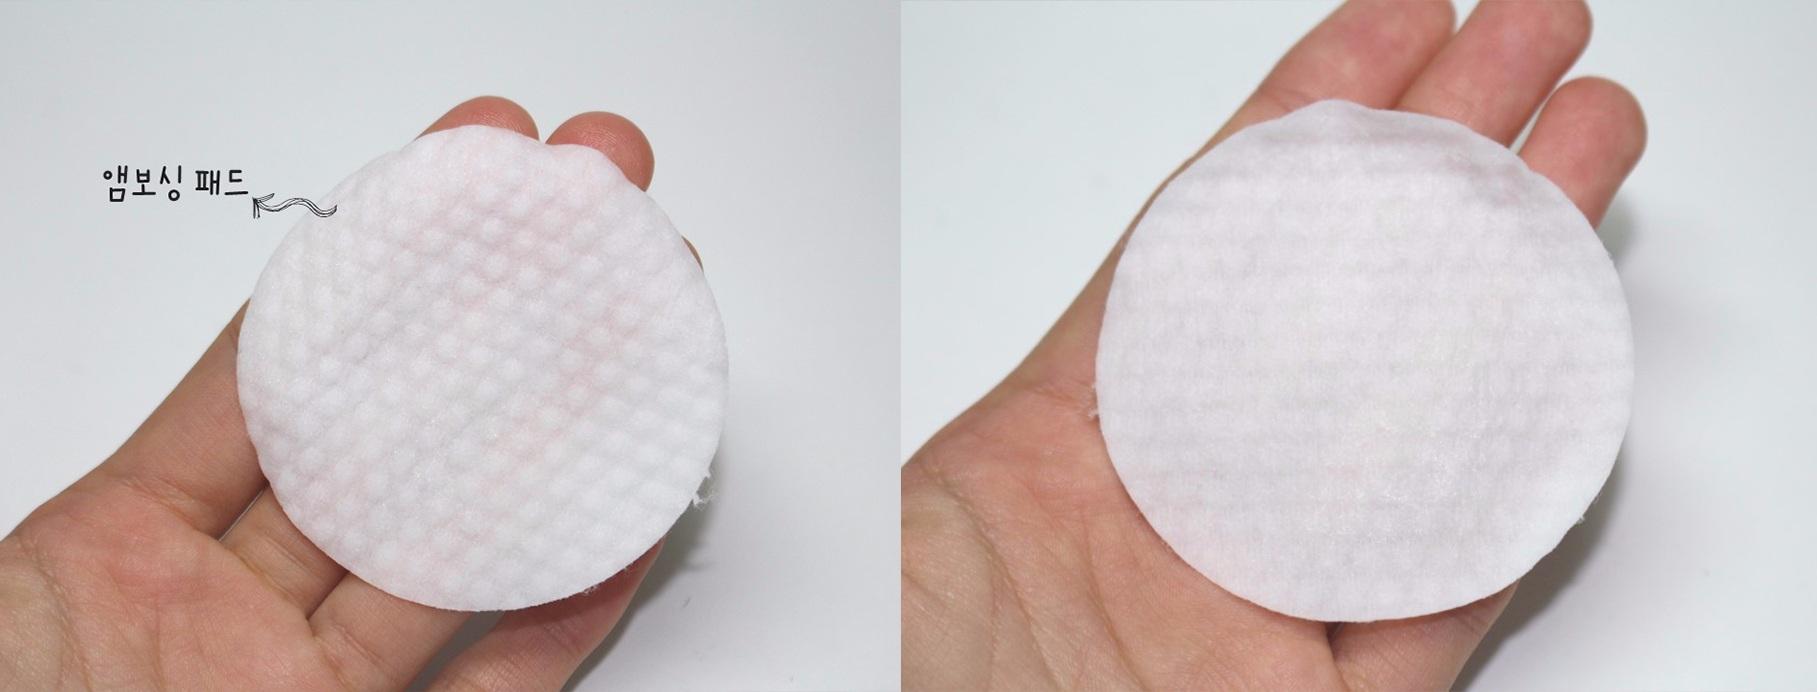 這款雖然沒有手指可以伸進去住的地方,不過一樣是兩面不同花紋設計,一面有圓形凸起、一面平滑。